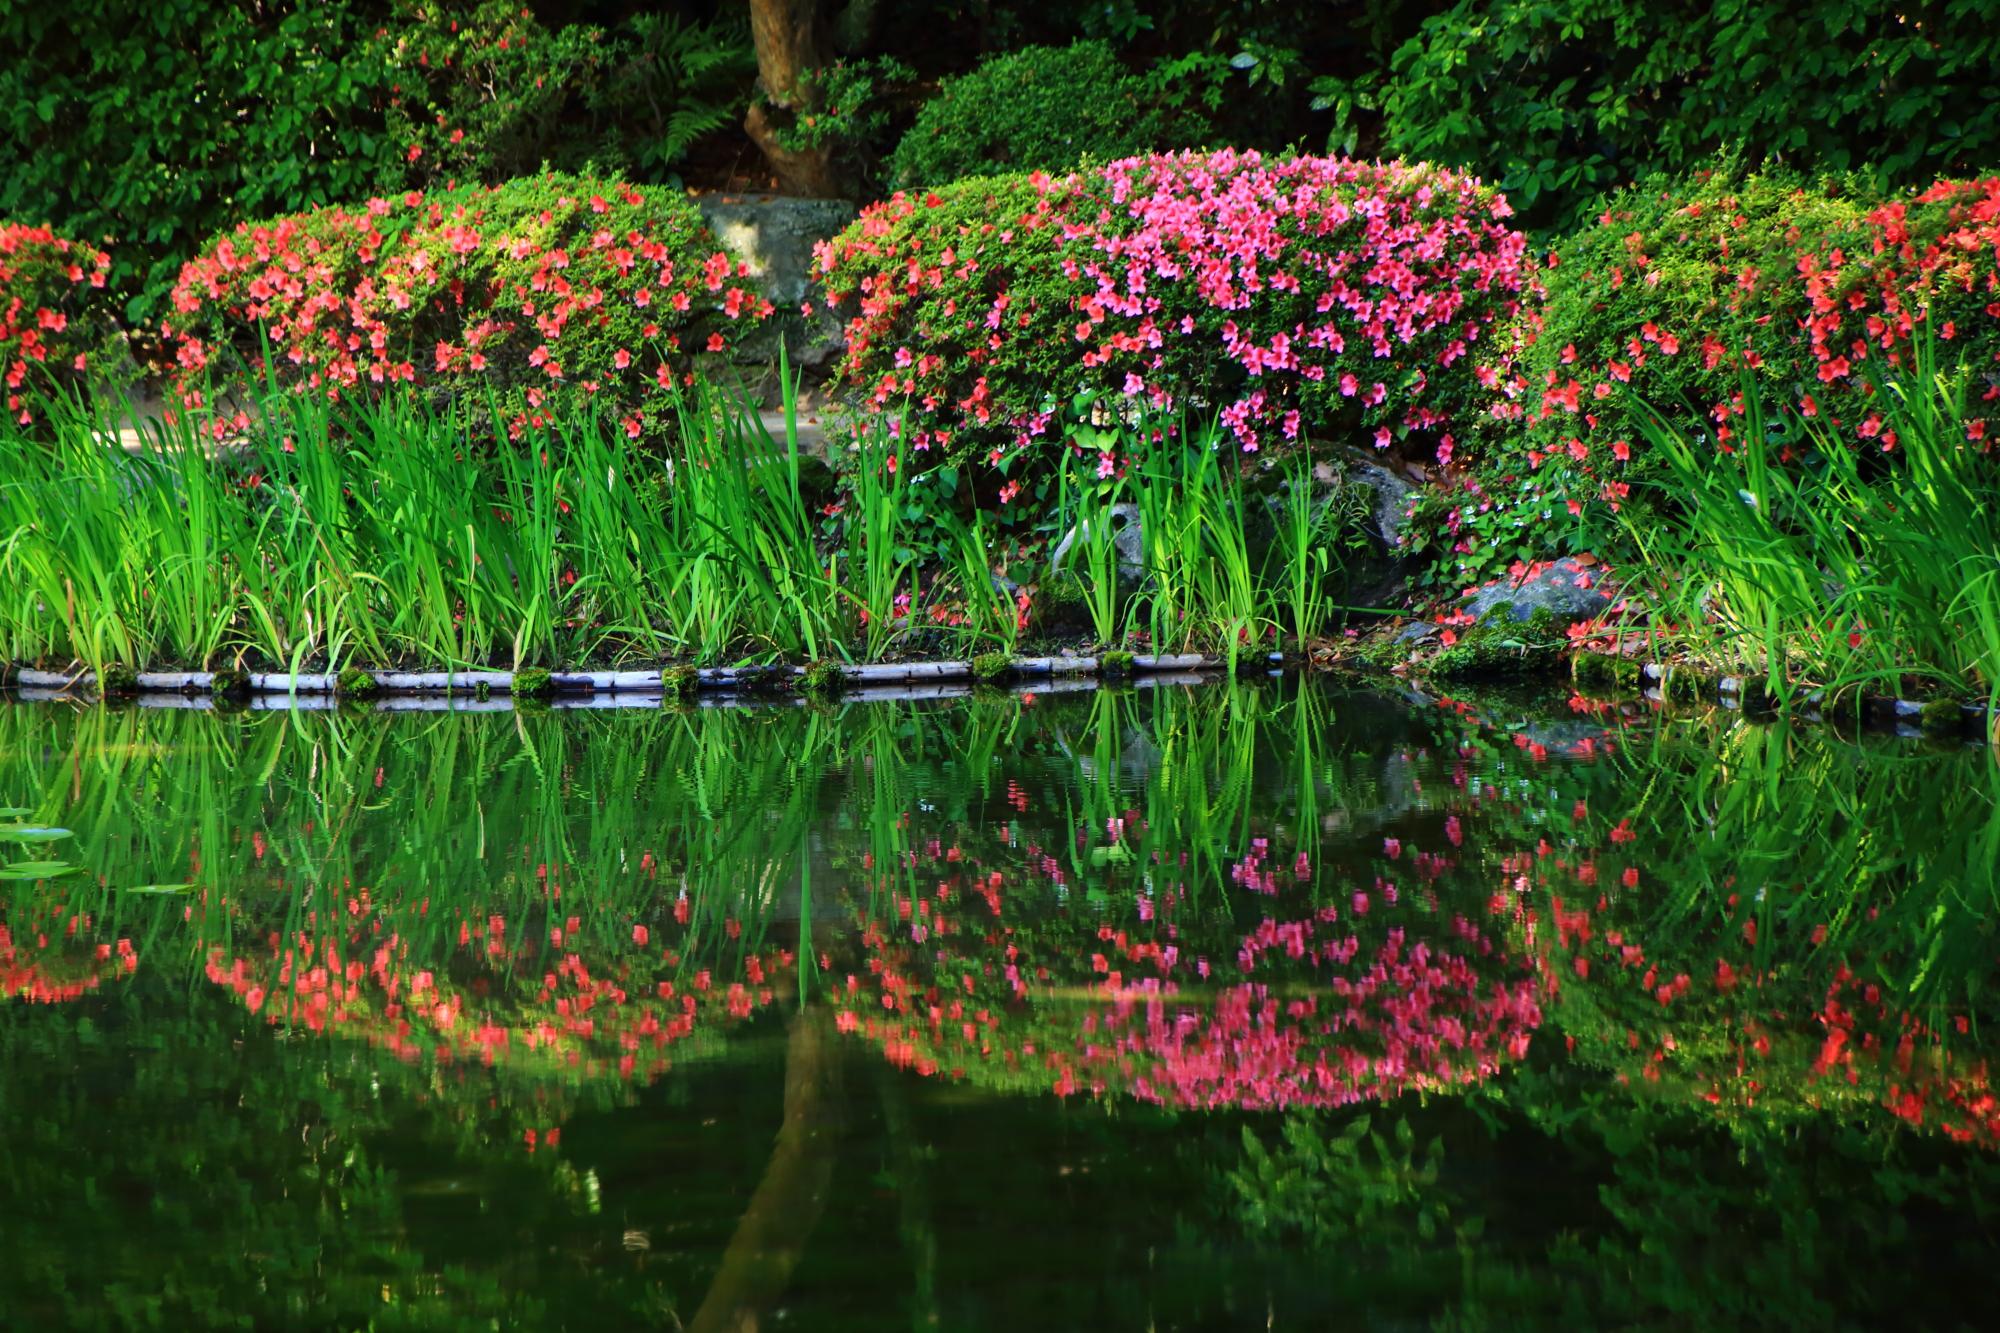 鮮やかな色合いと水鏡が見事な平安神宮のサツキ